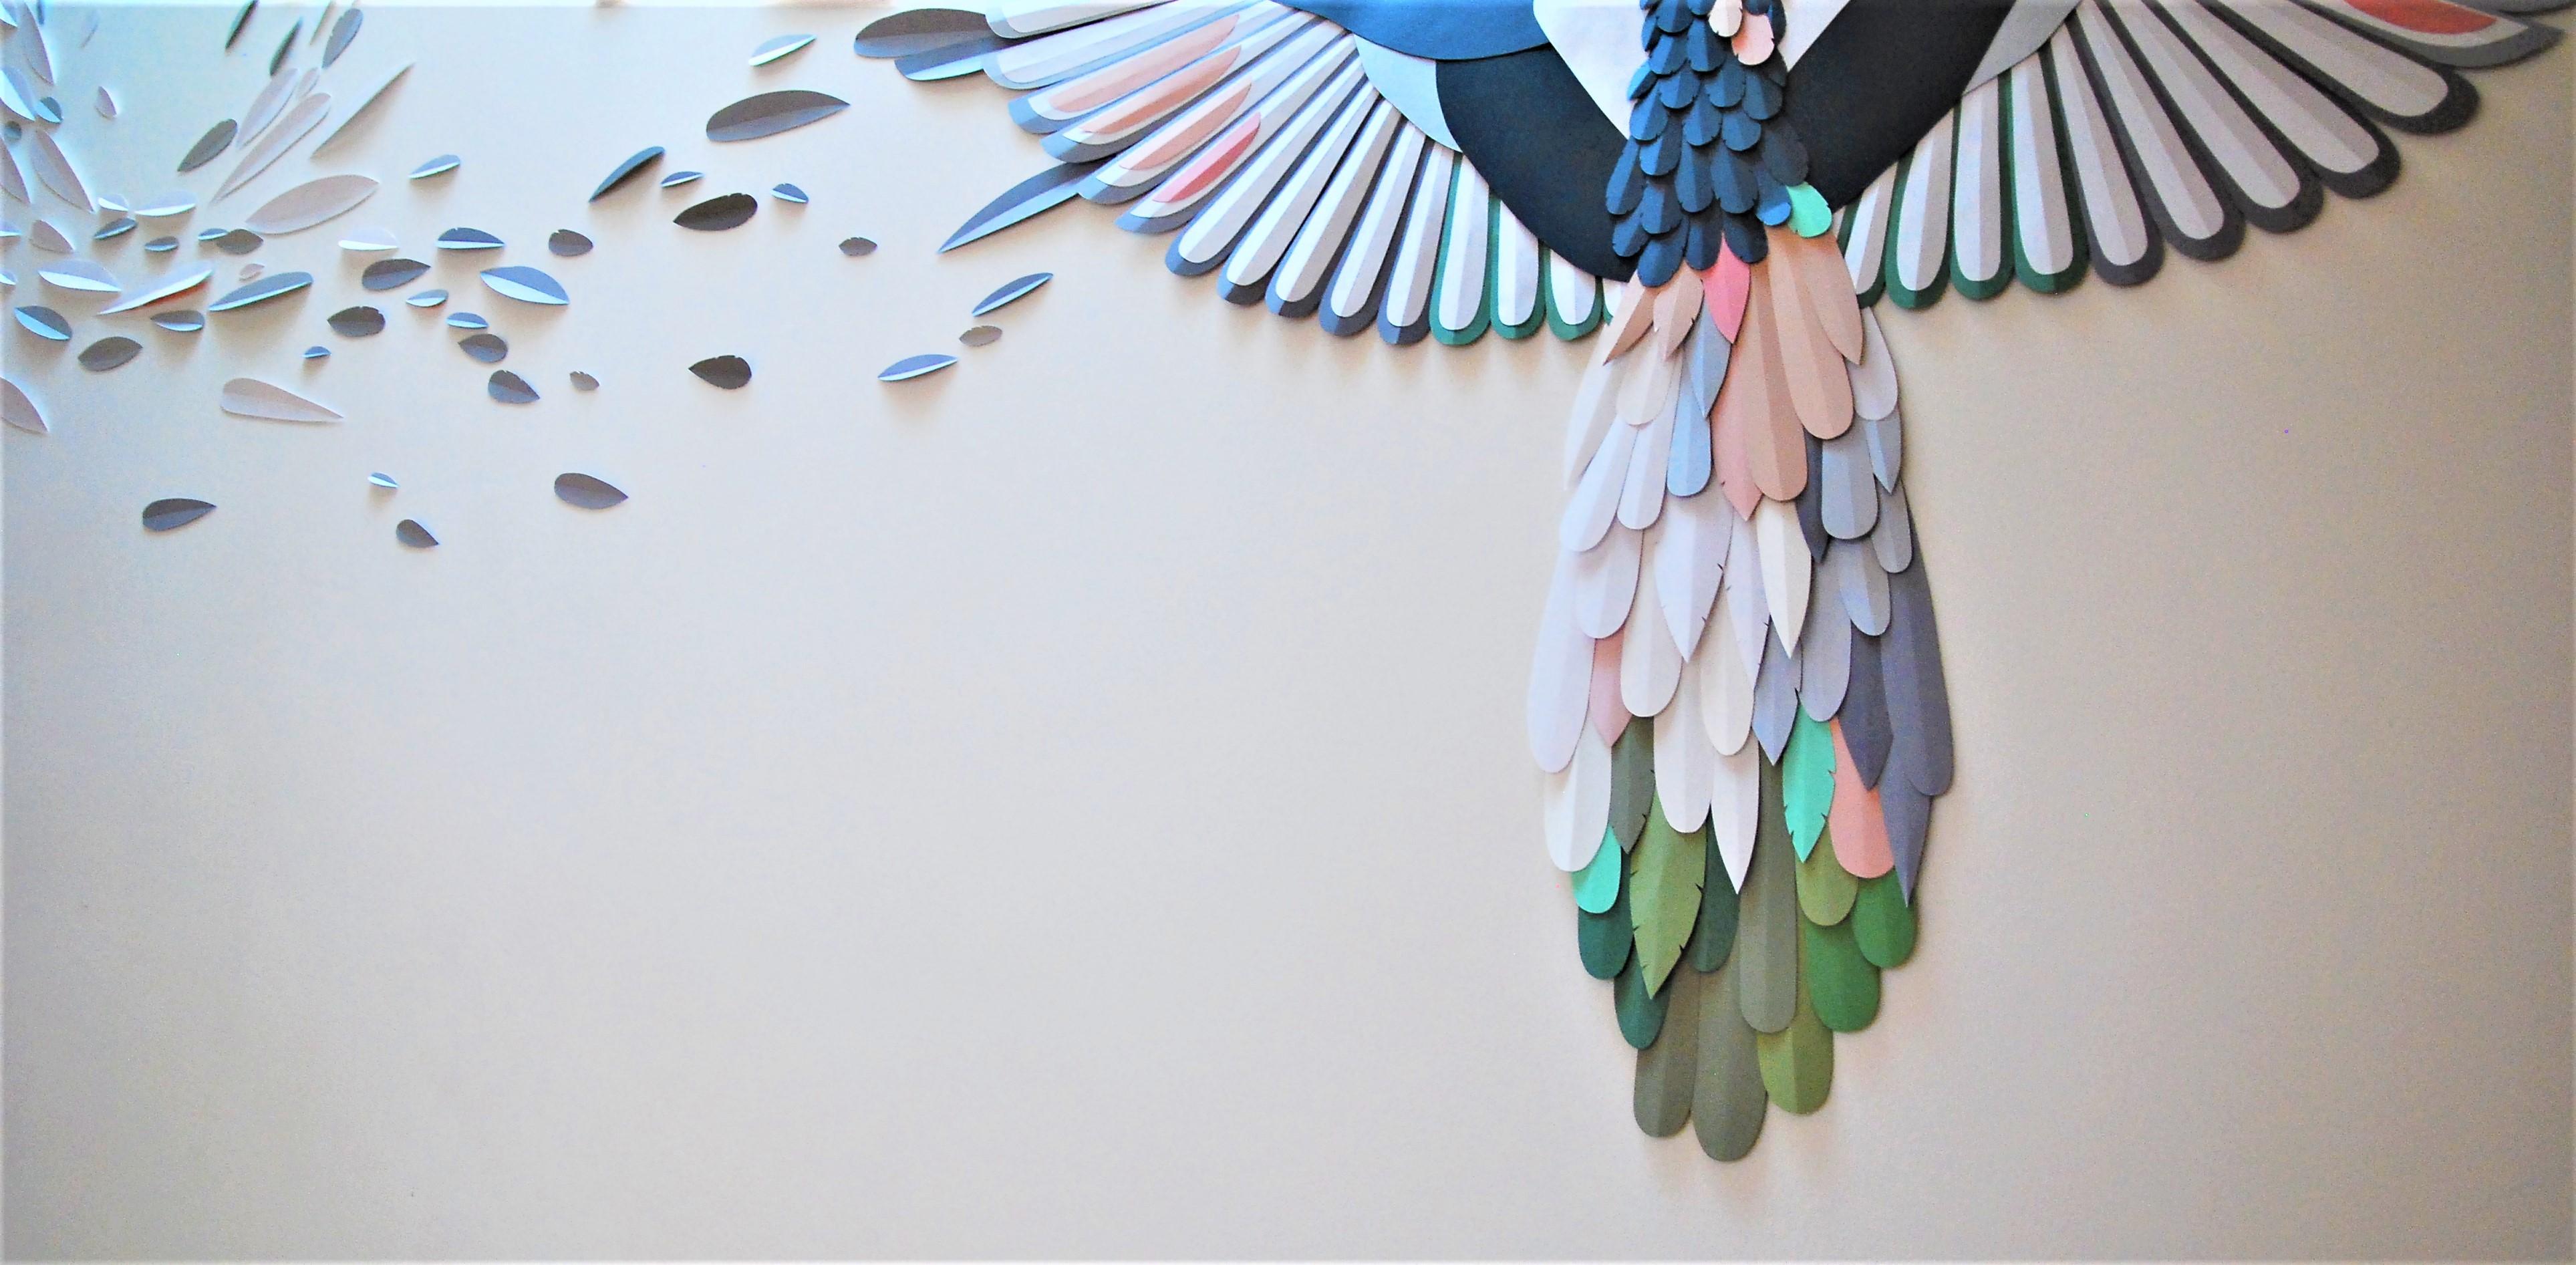 envolee-papier-installation-murale-zoom-queue-oiseau-plumes-Laure-Devenelle-2020